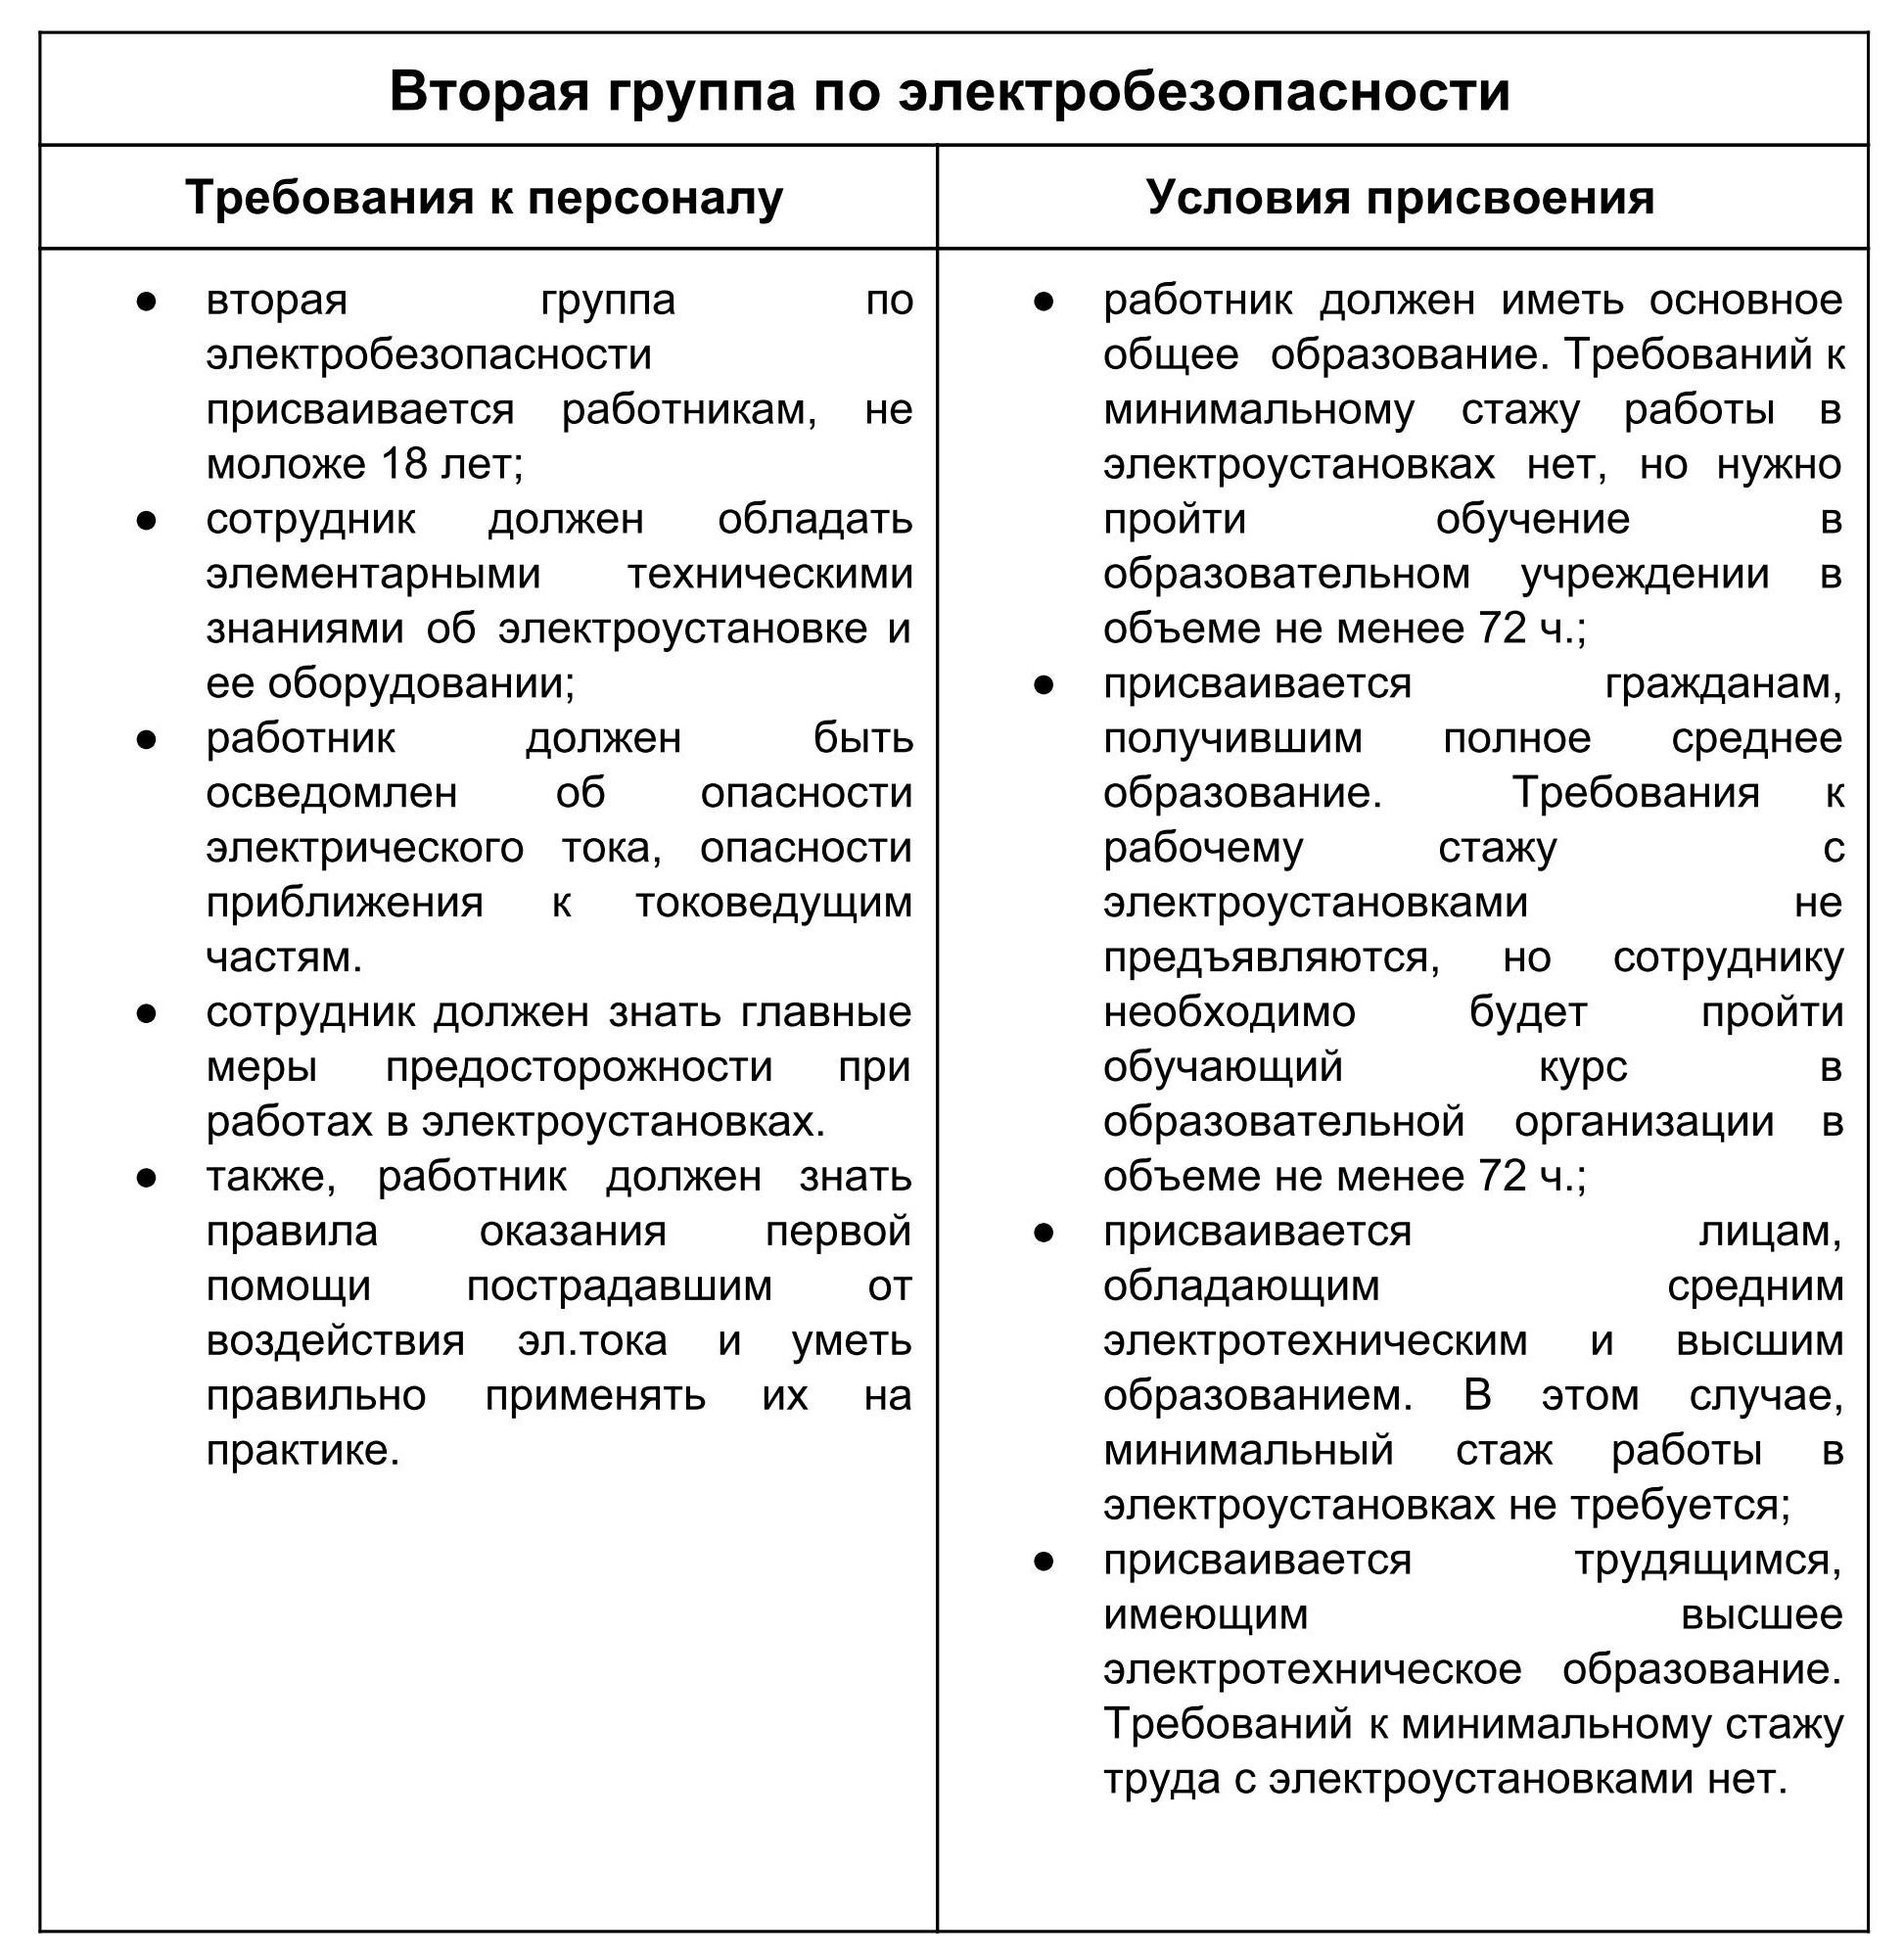 Инструкция о порядке допуска до работы с электрооборудованием